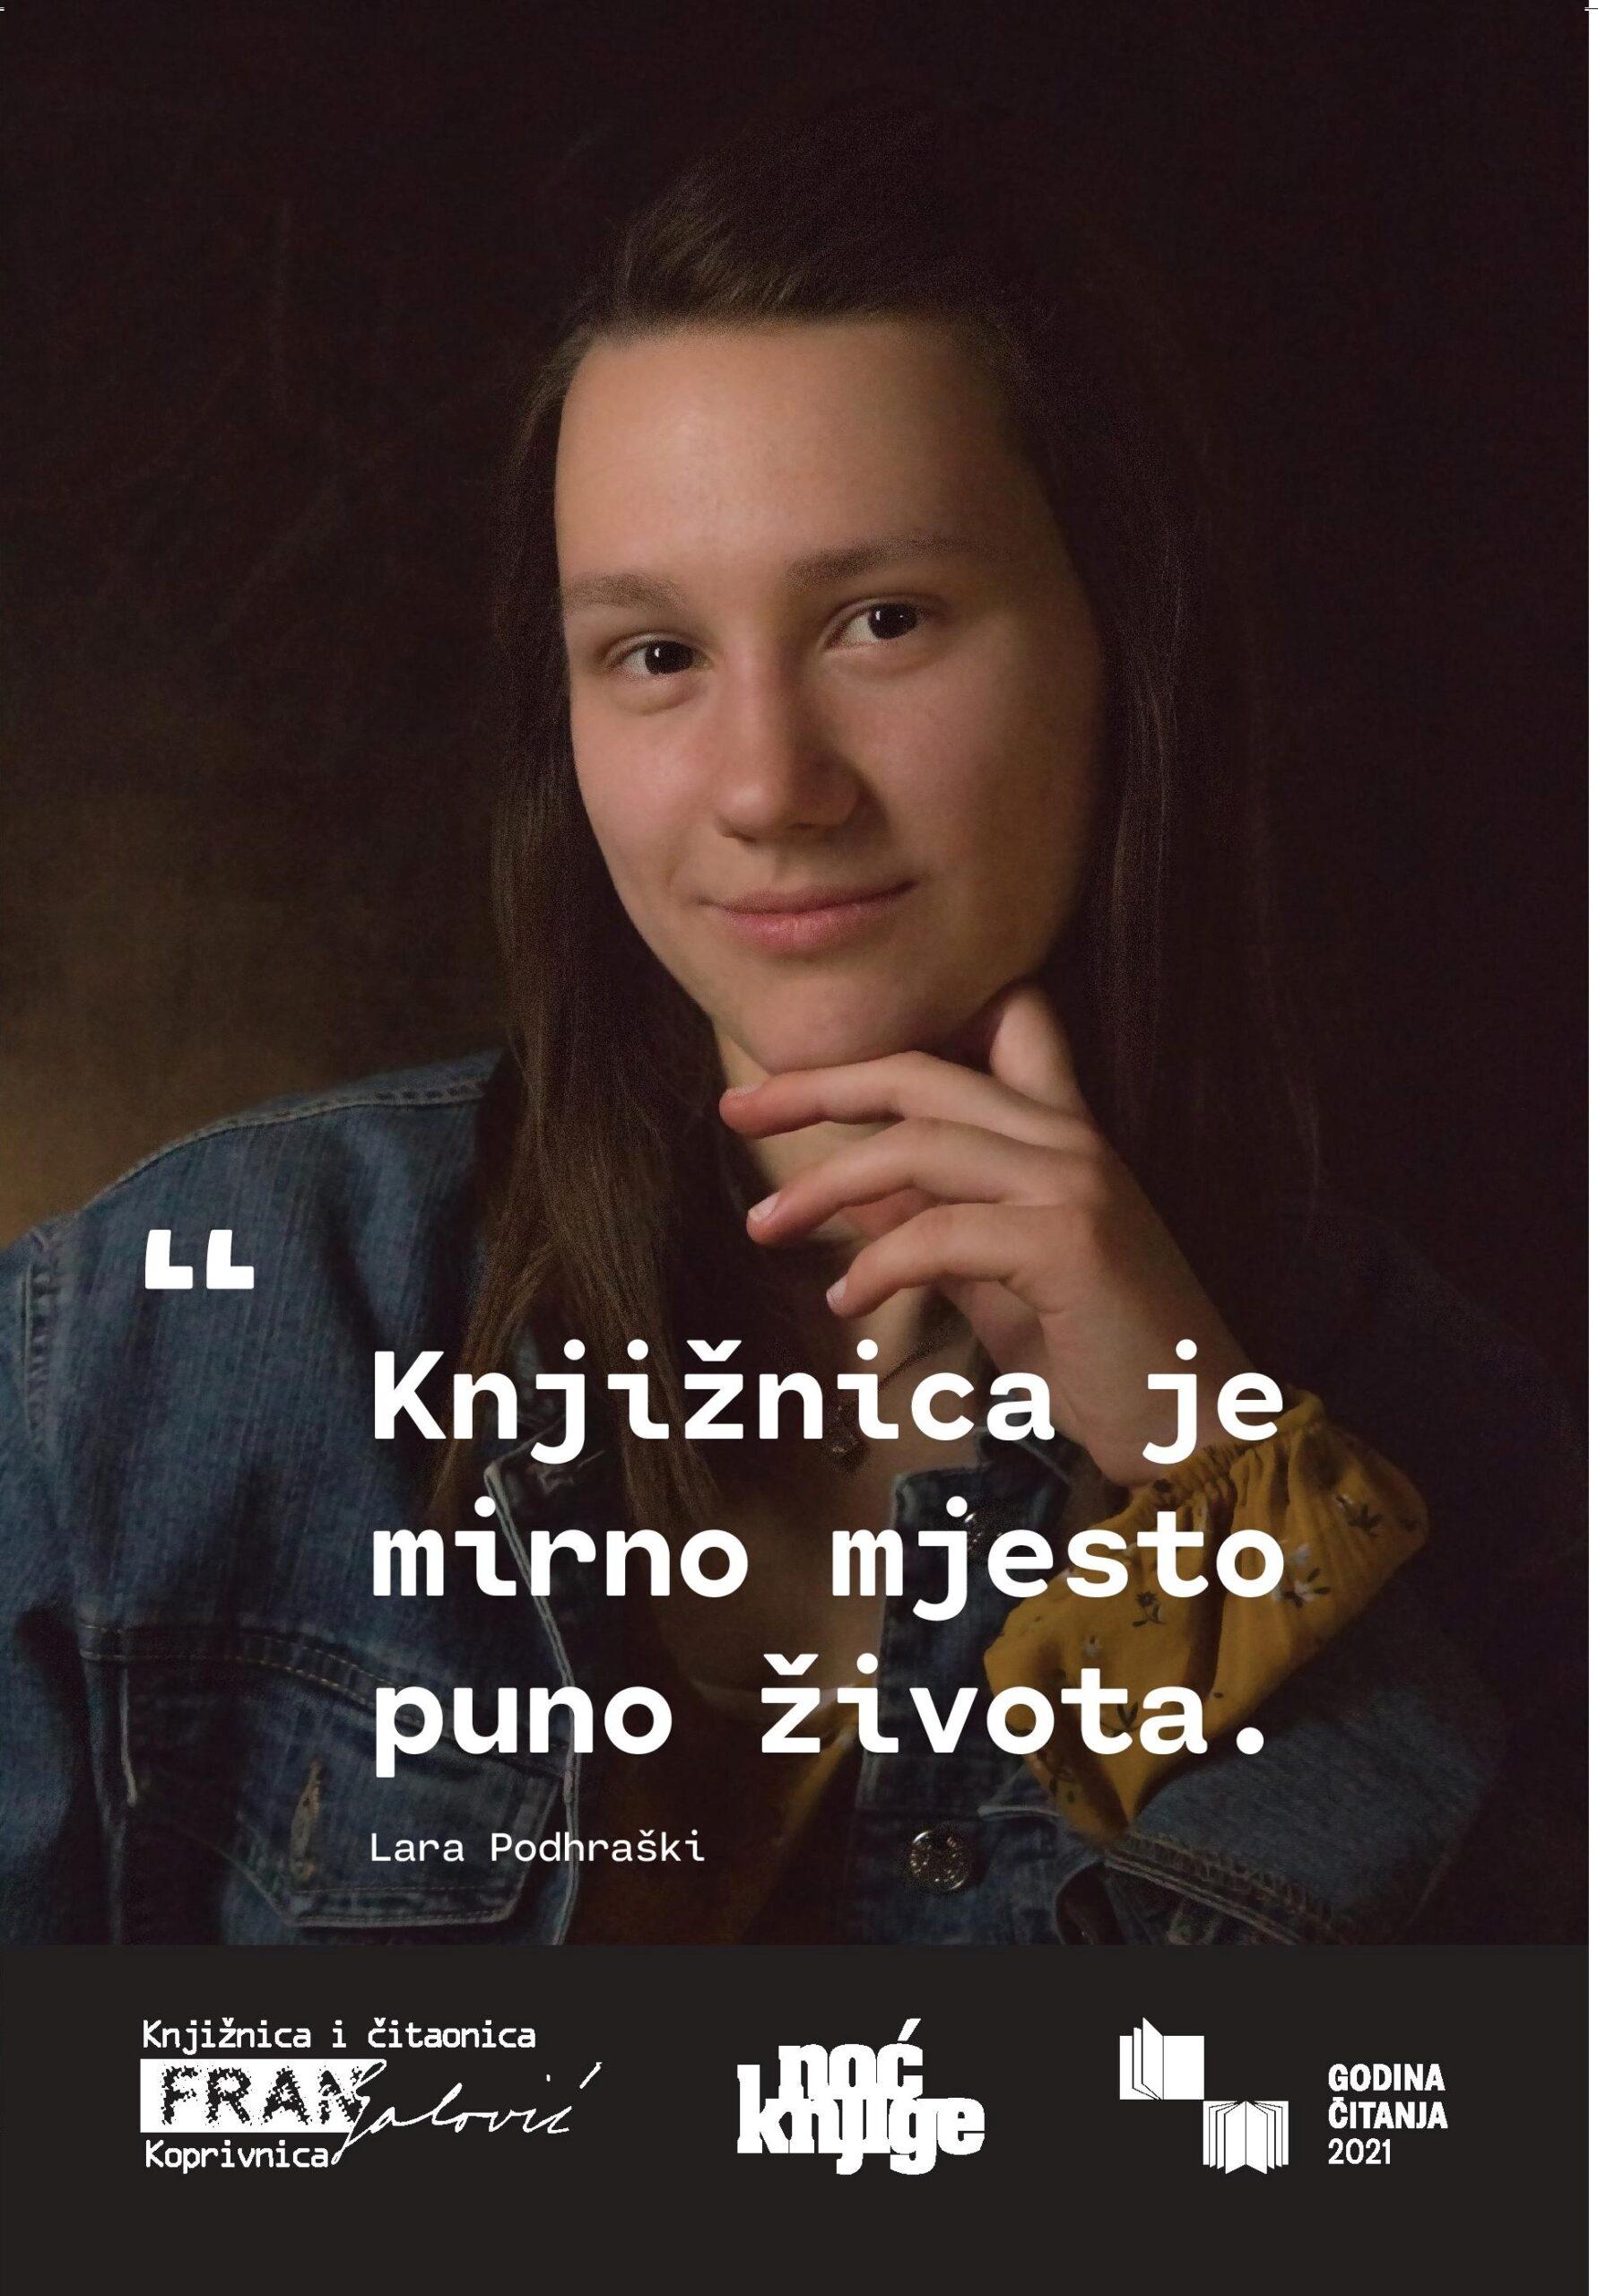 Lara Podhraški